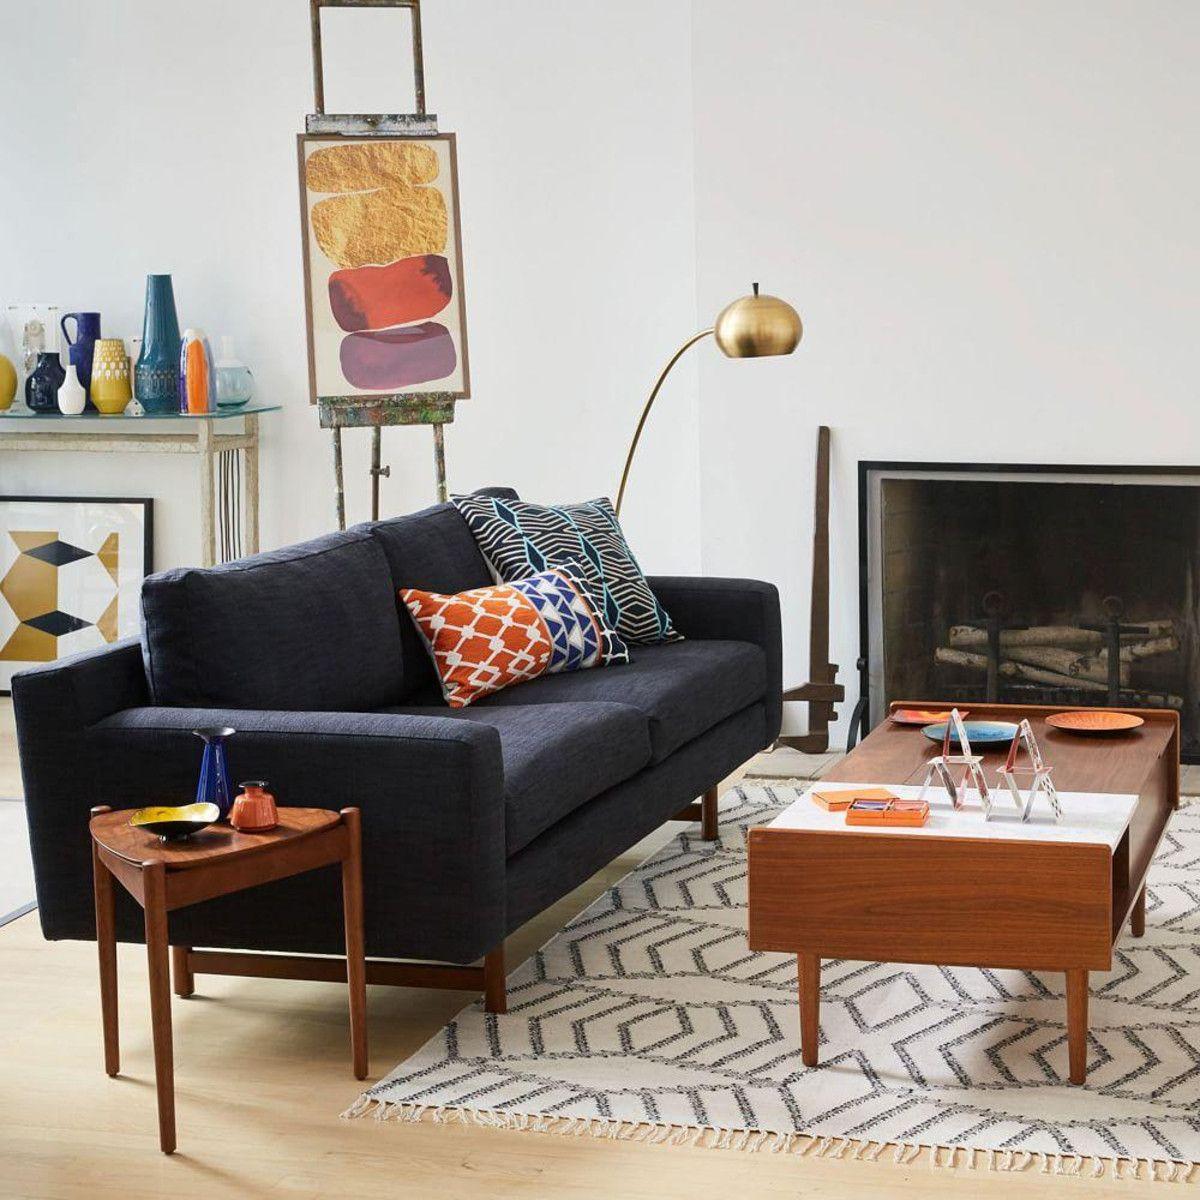 eddy sofa indigo 208 cm west elm uk house of dreams rh pinterest com